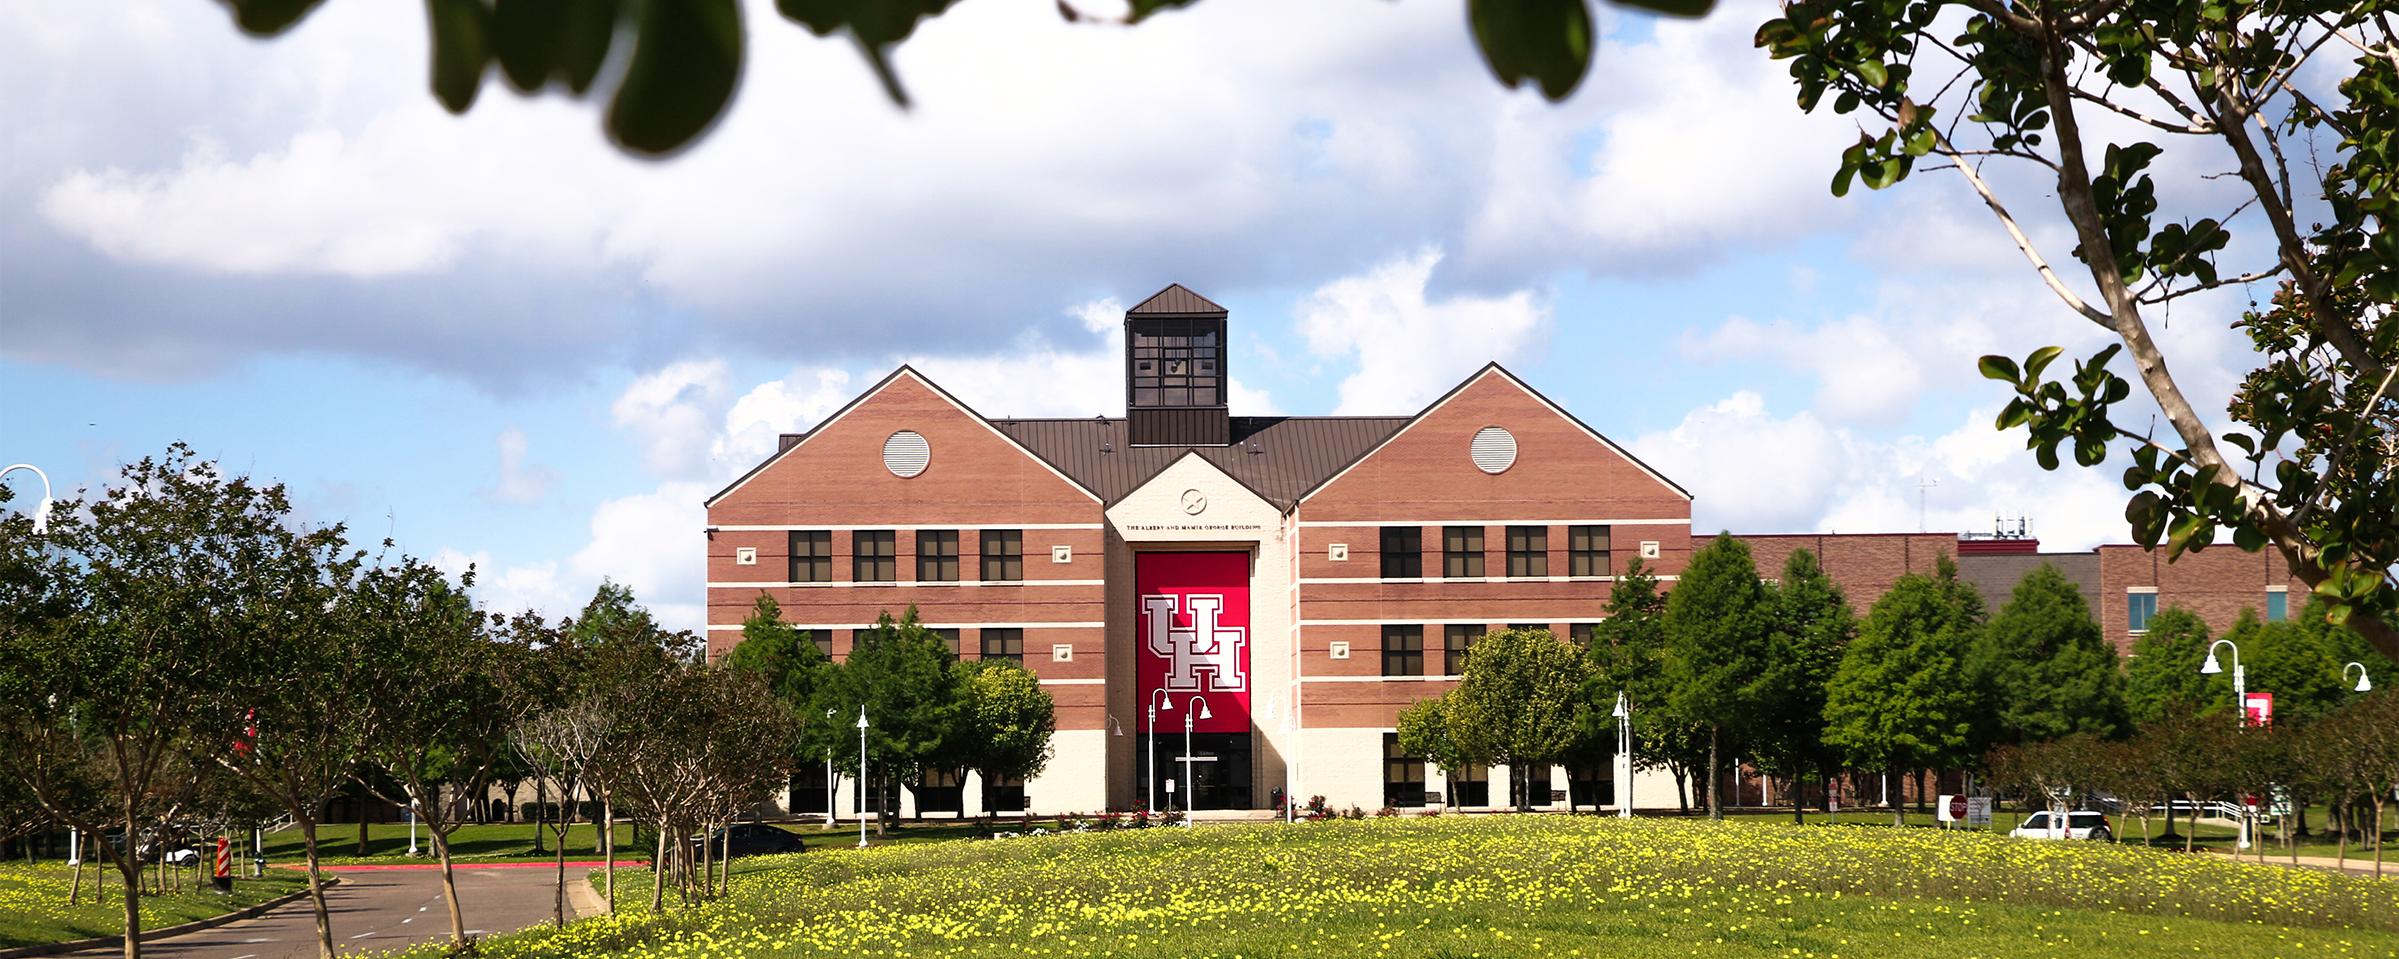 Visiting Uh At Sugar Land University Of Houston